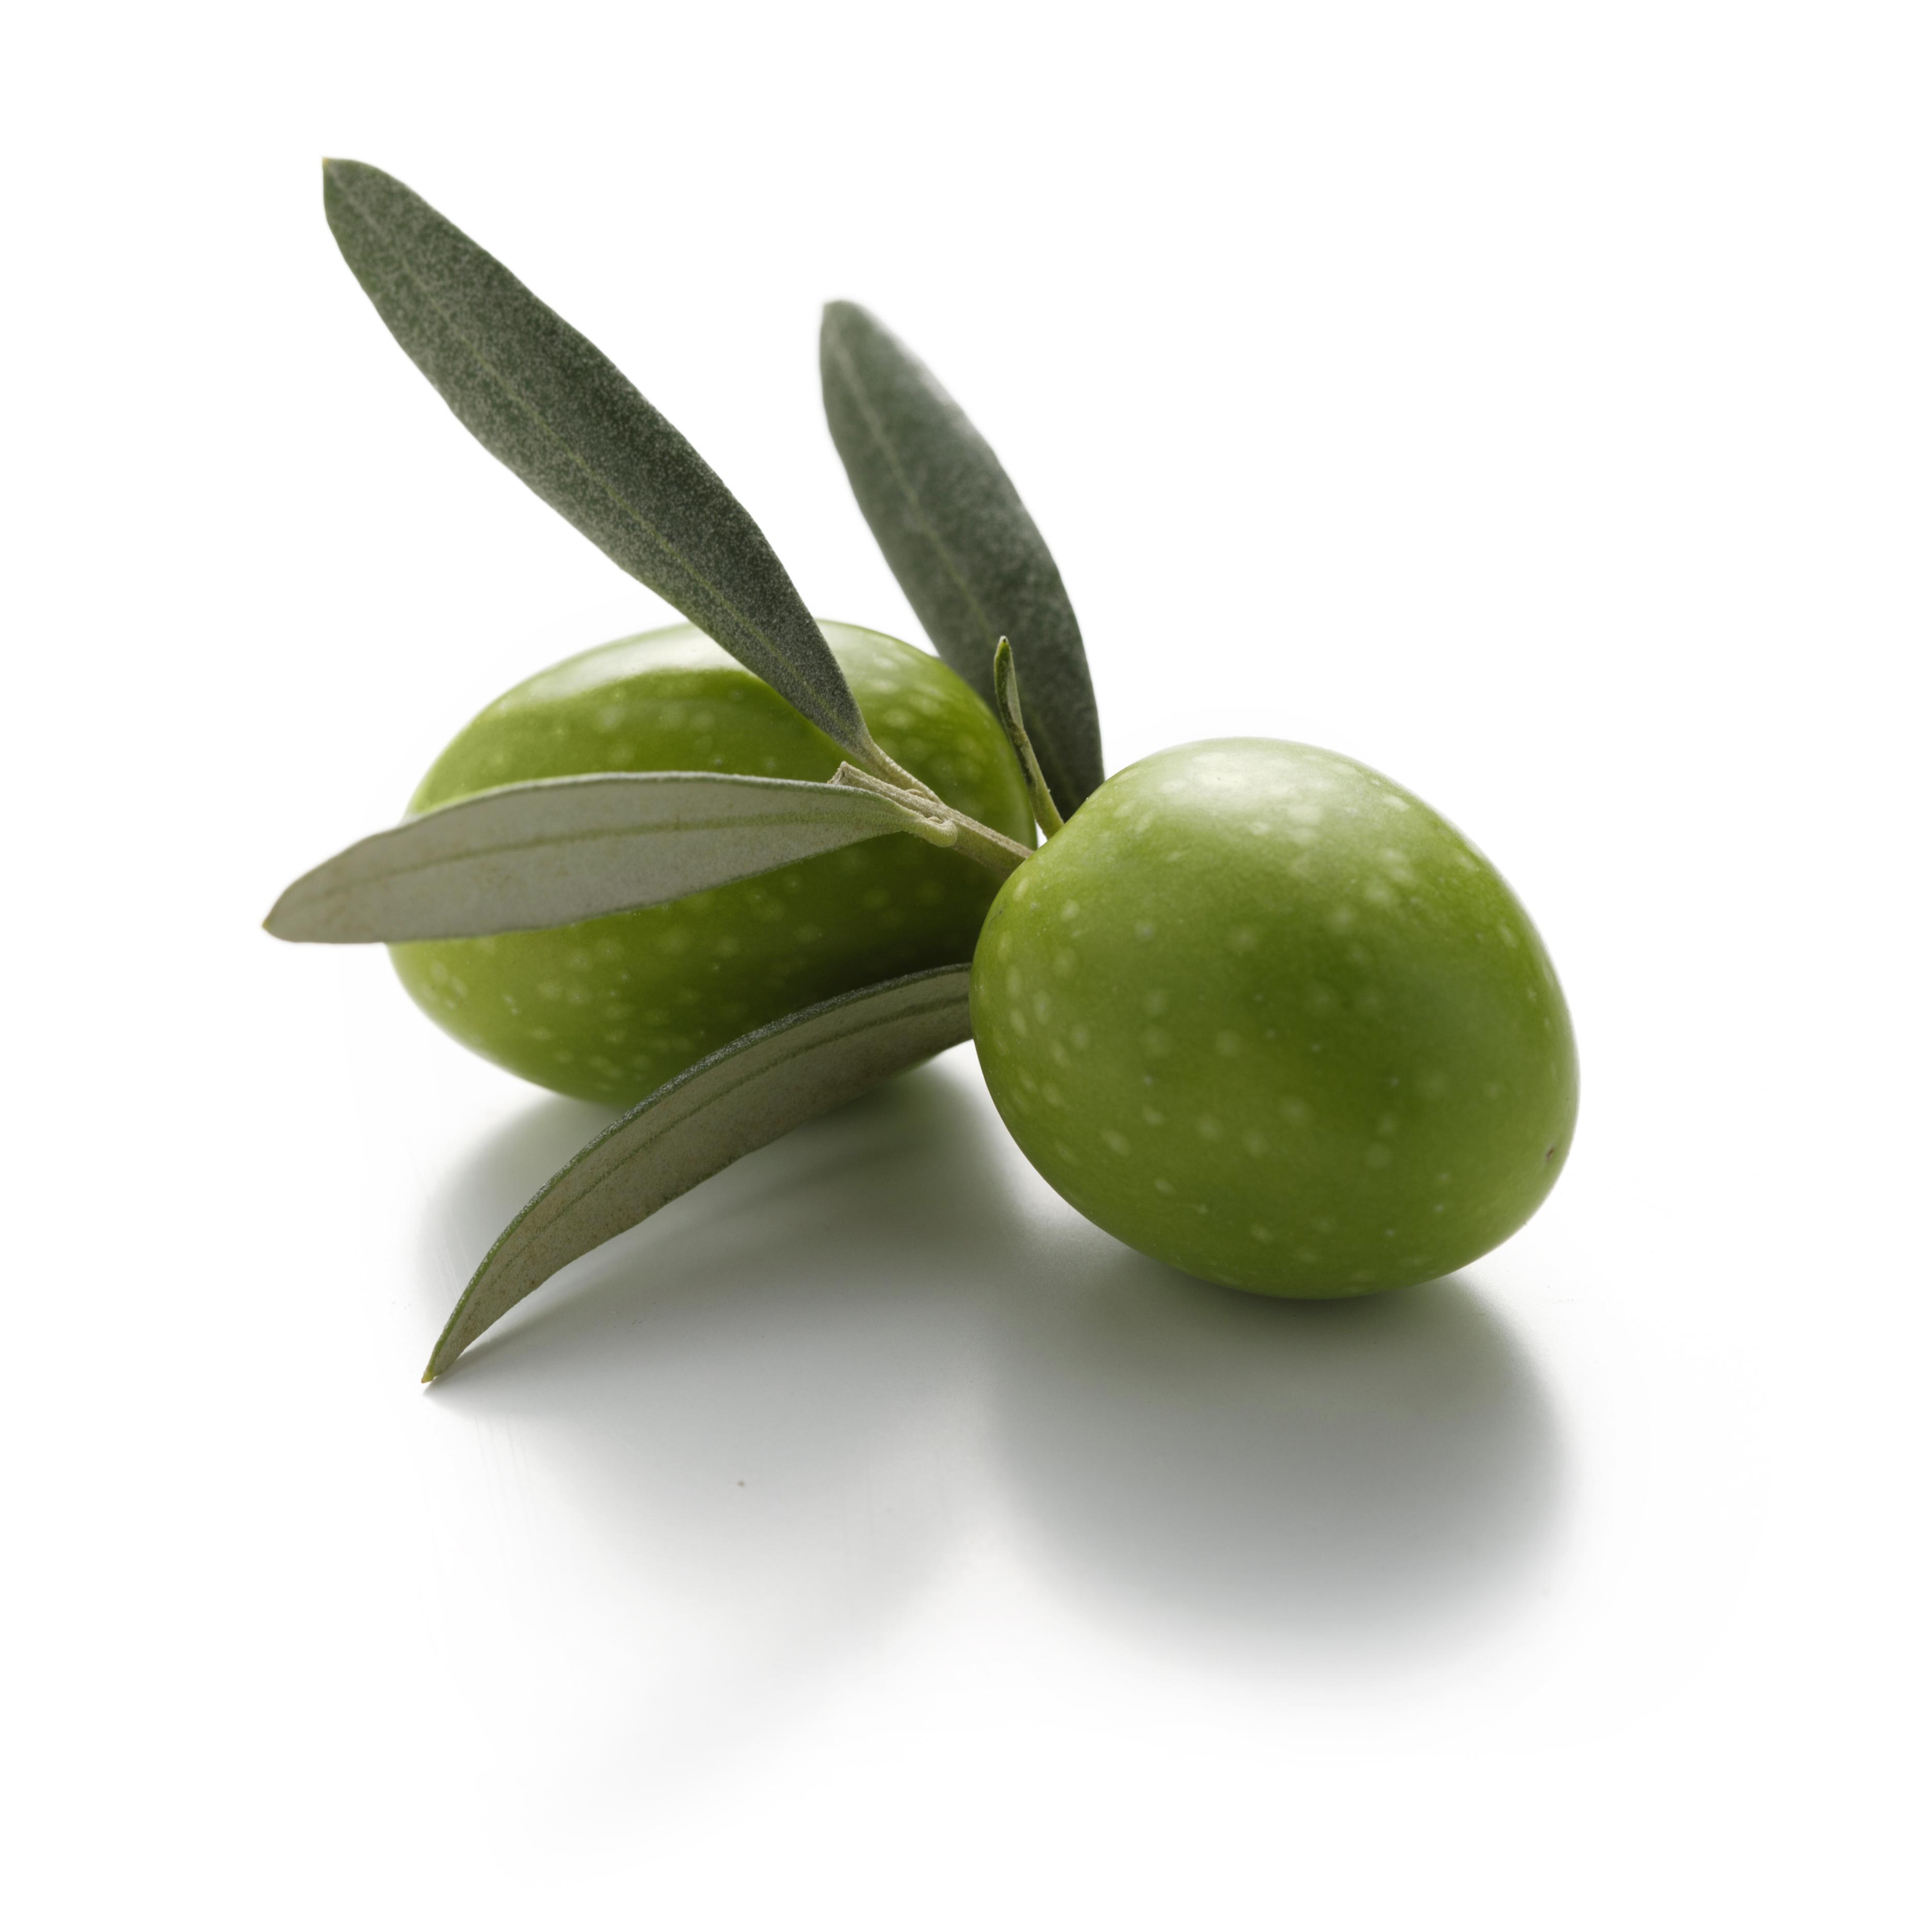 Olive da tavola per l 39 industria alimentare oltre cinquanta anni di esperienza maturati nel - Tipi di olive da tavola ...